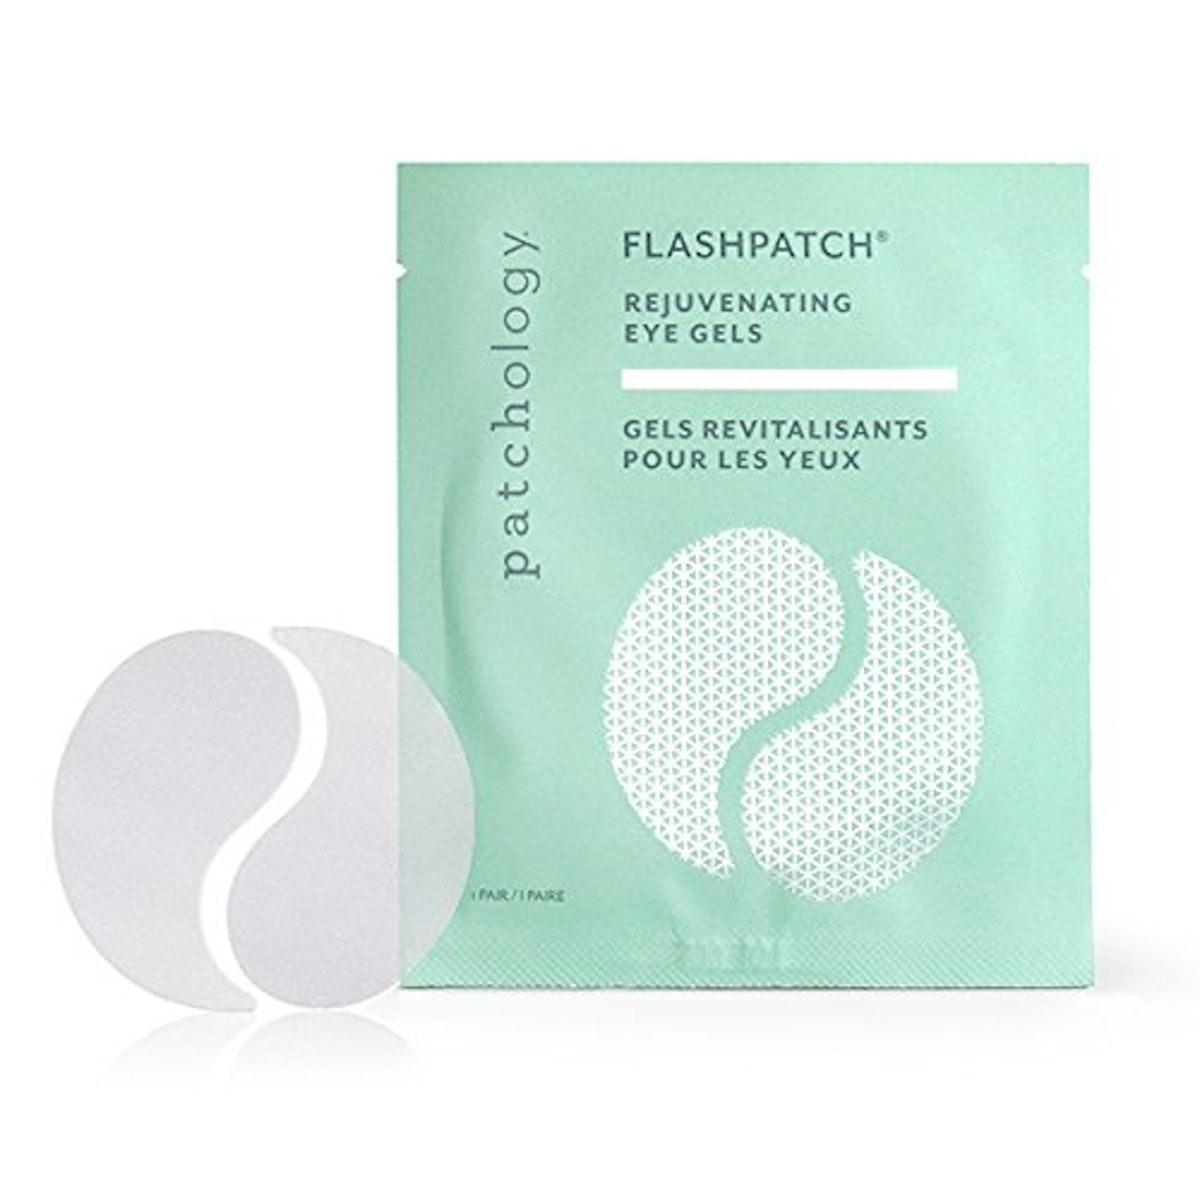 Patchology Rejuvenating Eye Gels